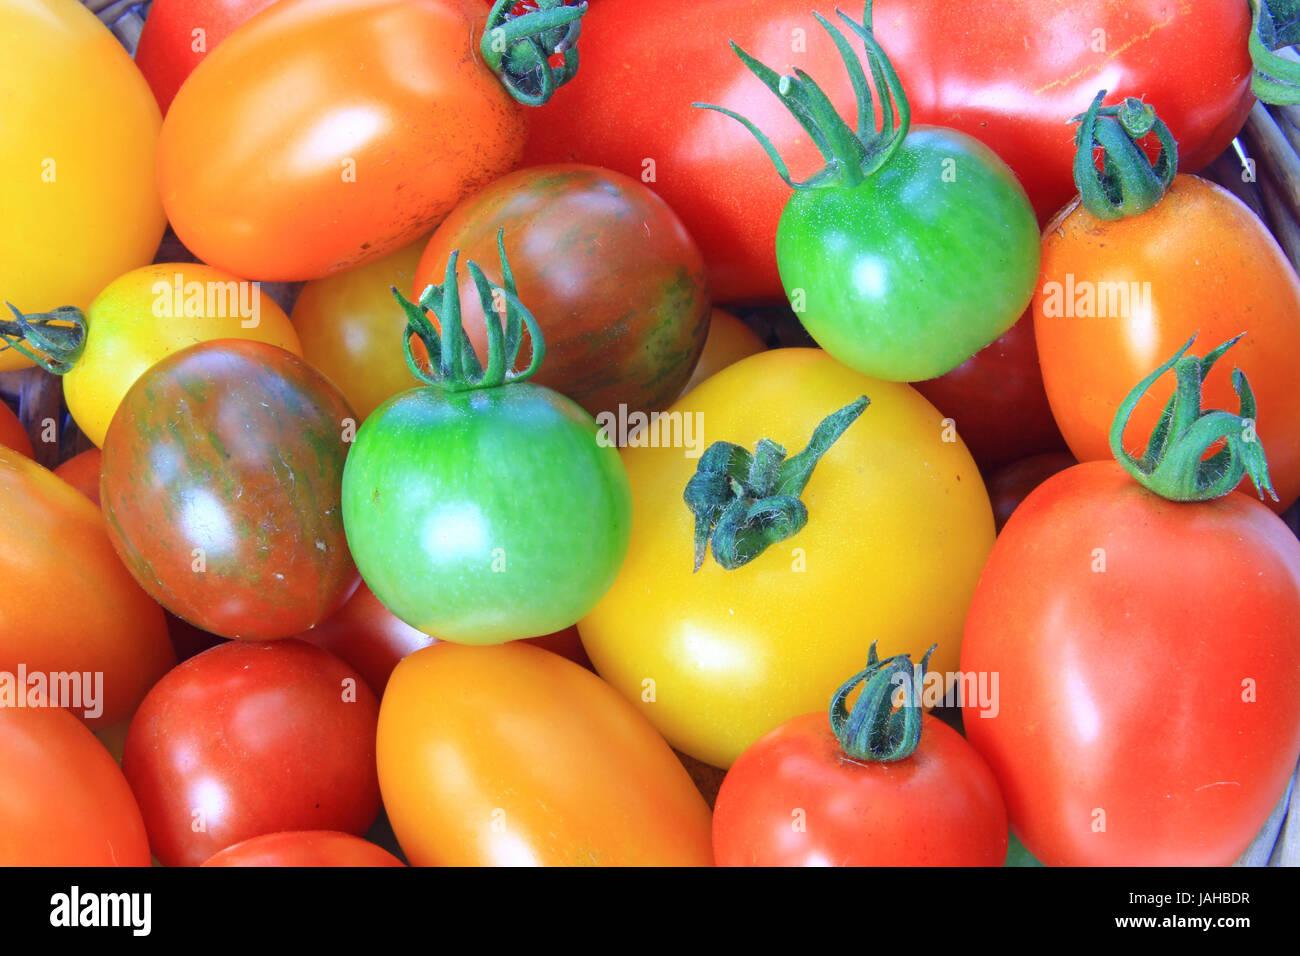 Zahlreiche verschiedene Tomatensorten in unterschiedlichen Farben (Solanum lycopersicum) - Stock Image